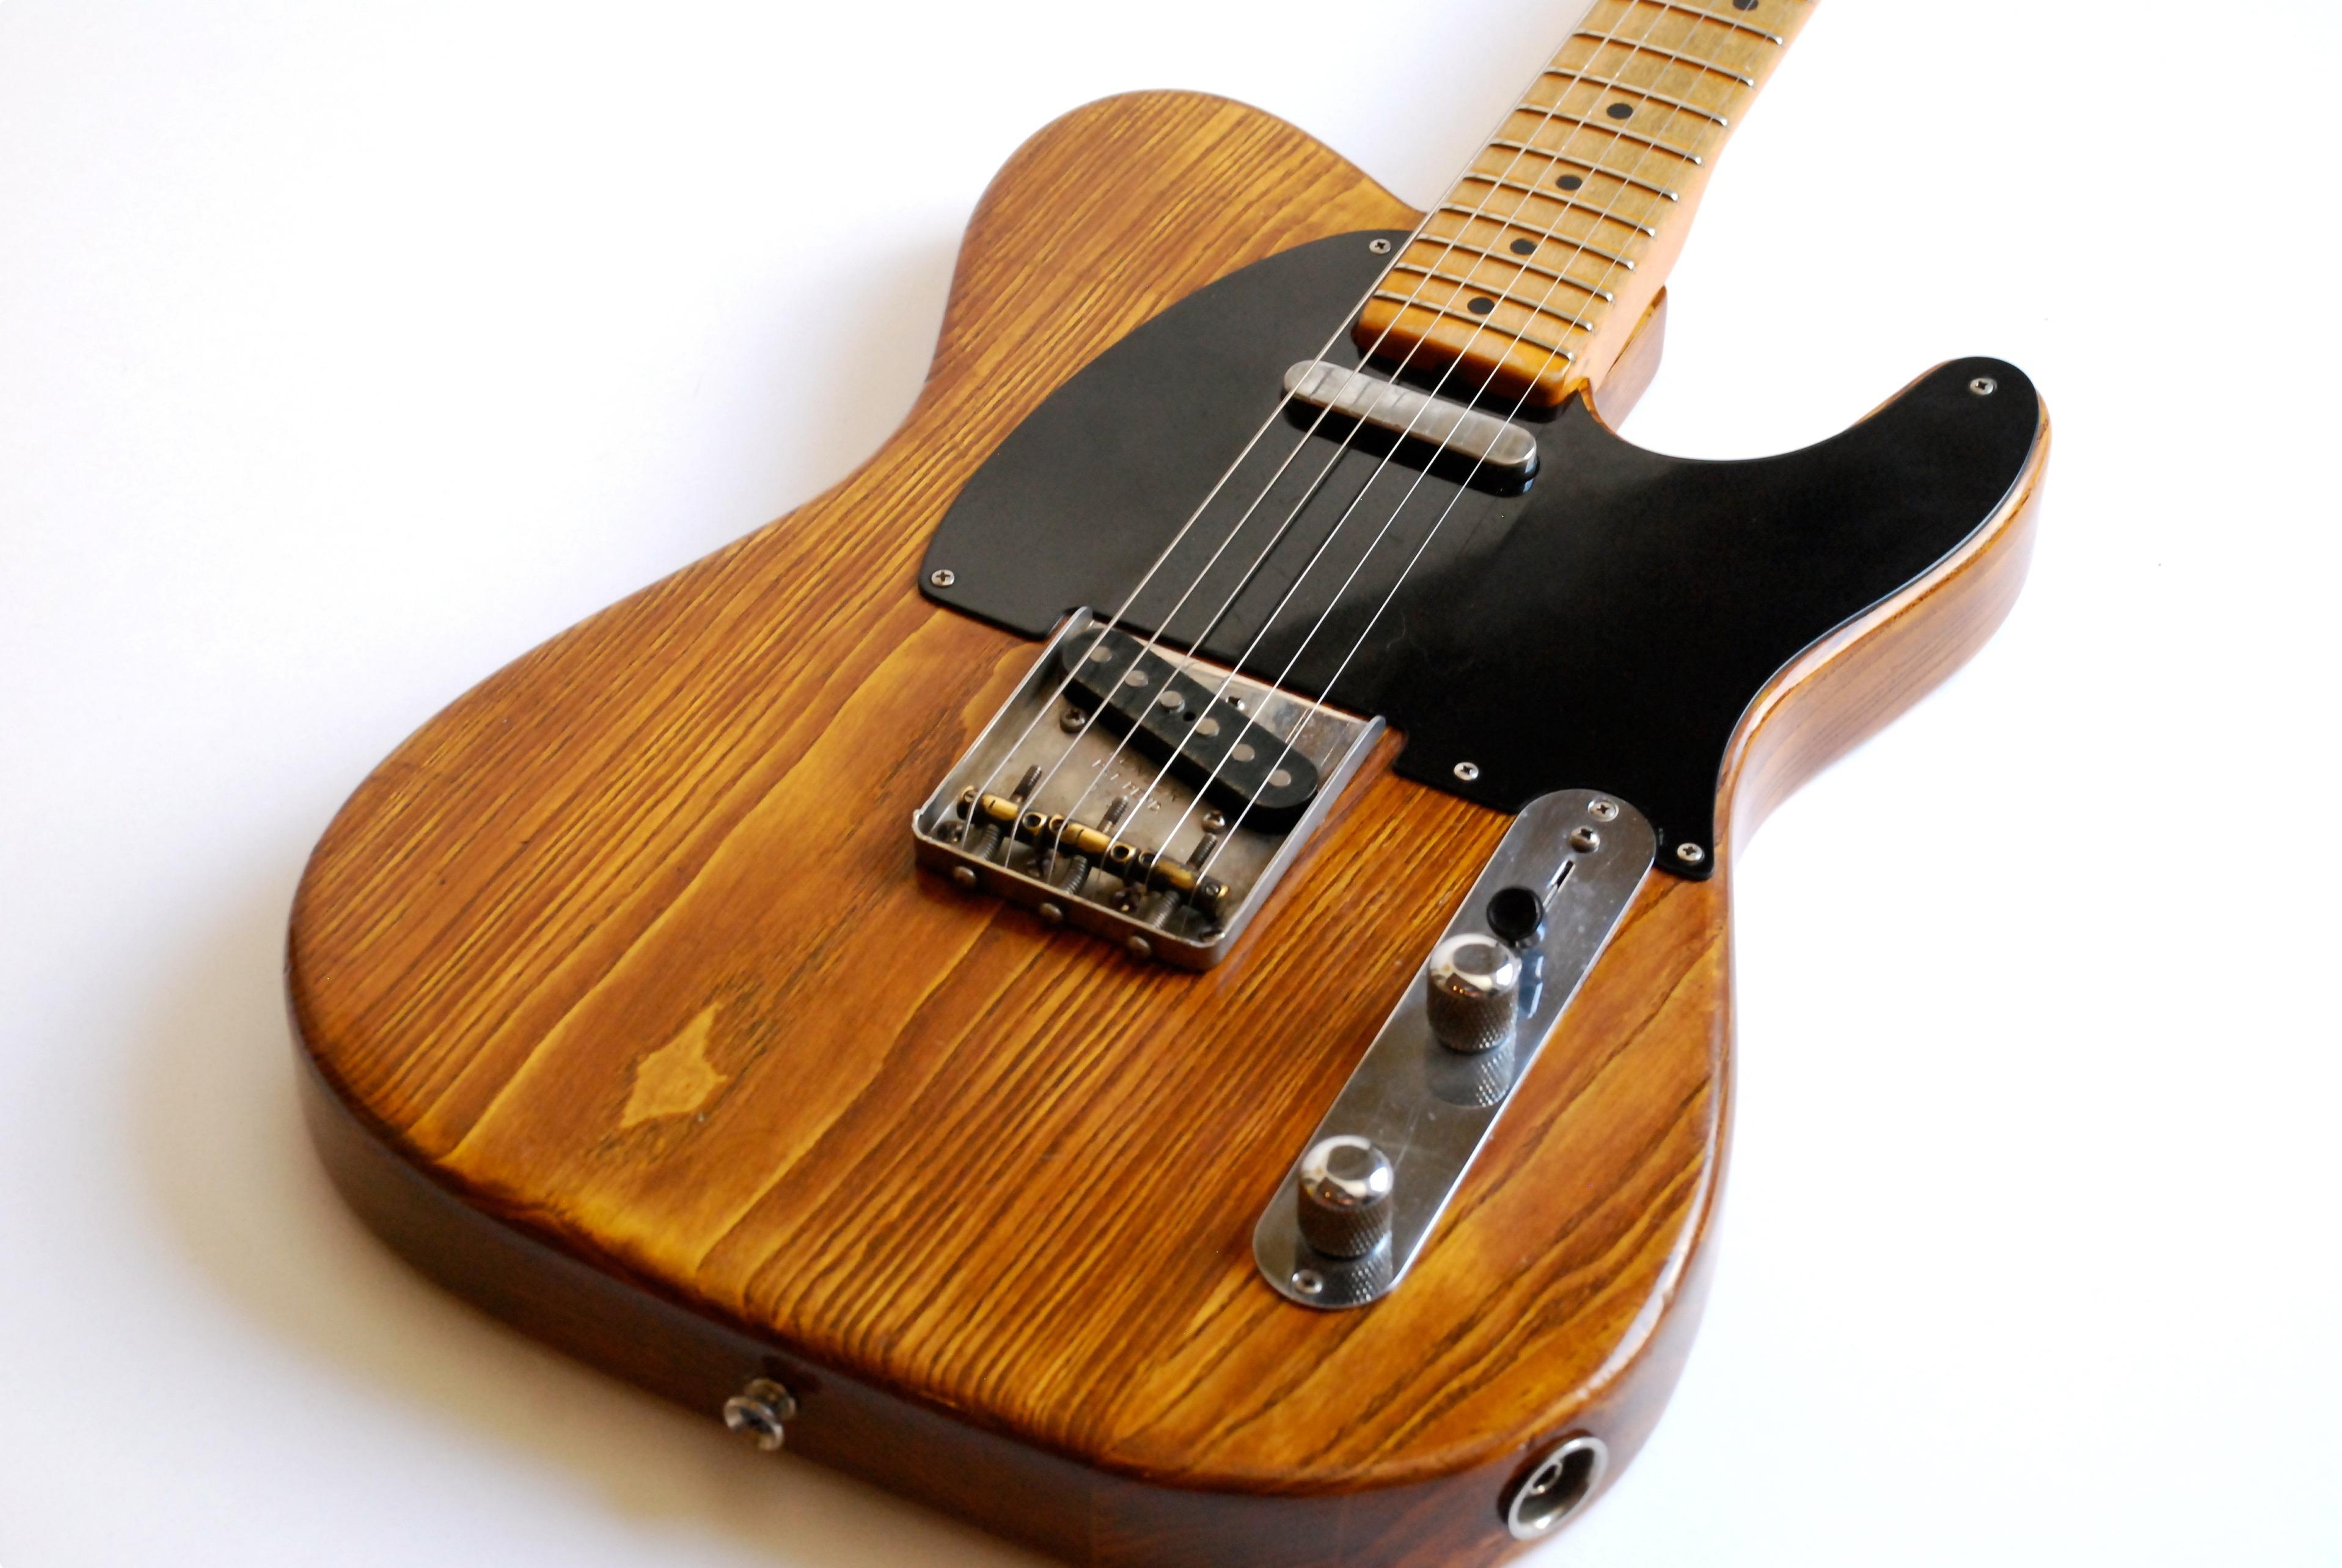 fender telecaster 1951 natural guitar for sale bass n guitar. Black Bedroom Furniture Sets. Home Design Ideas